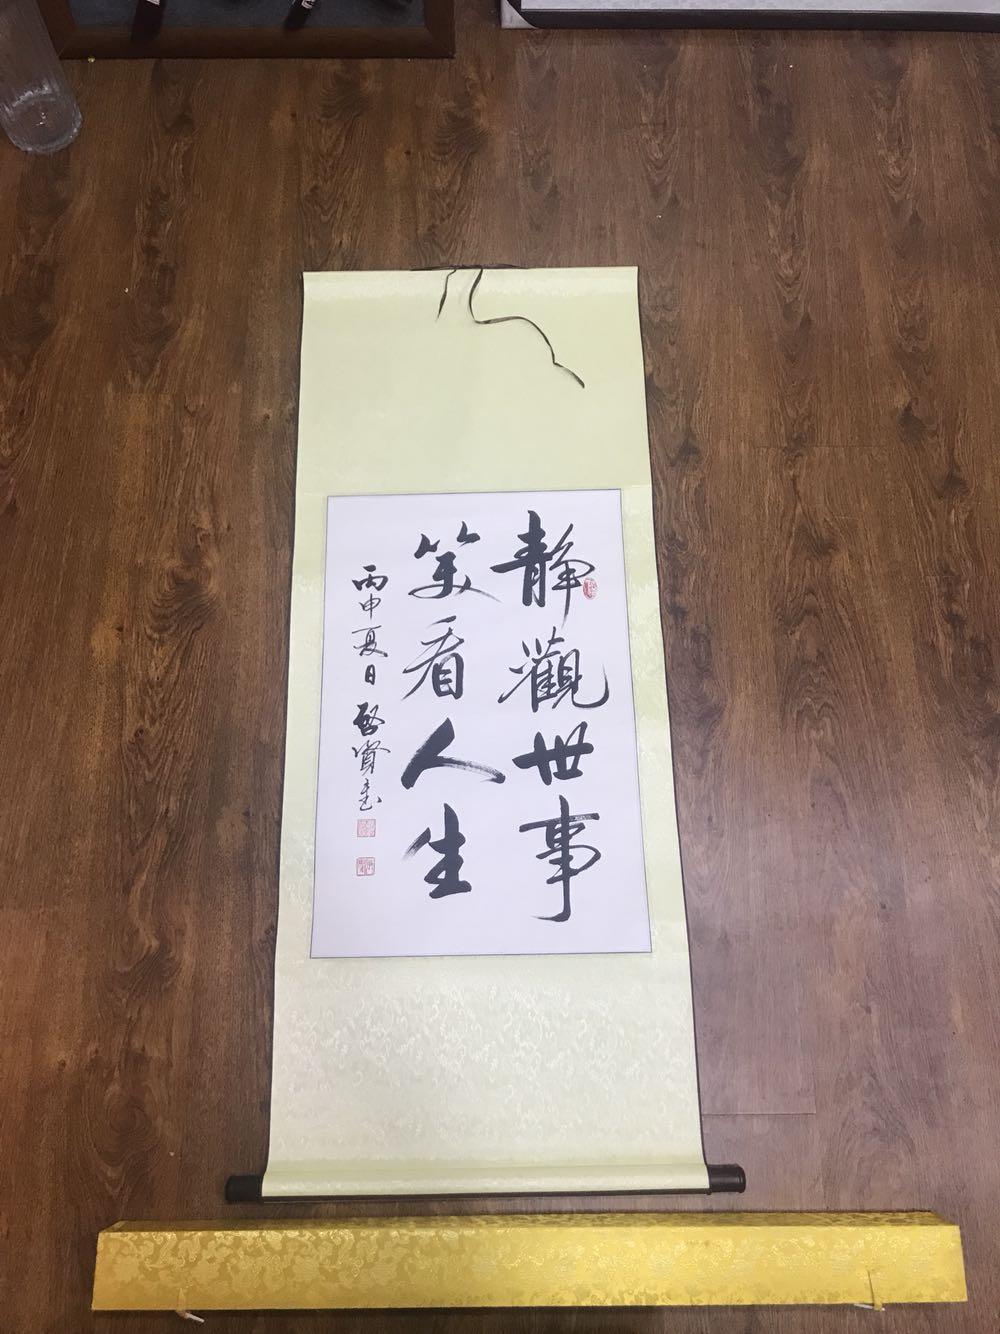 启贤老师书法作品代写书法名人字画手写真迹装裱卷轴做框